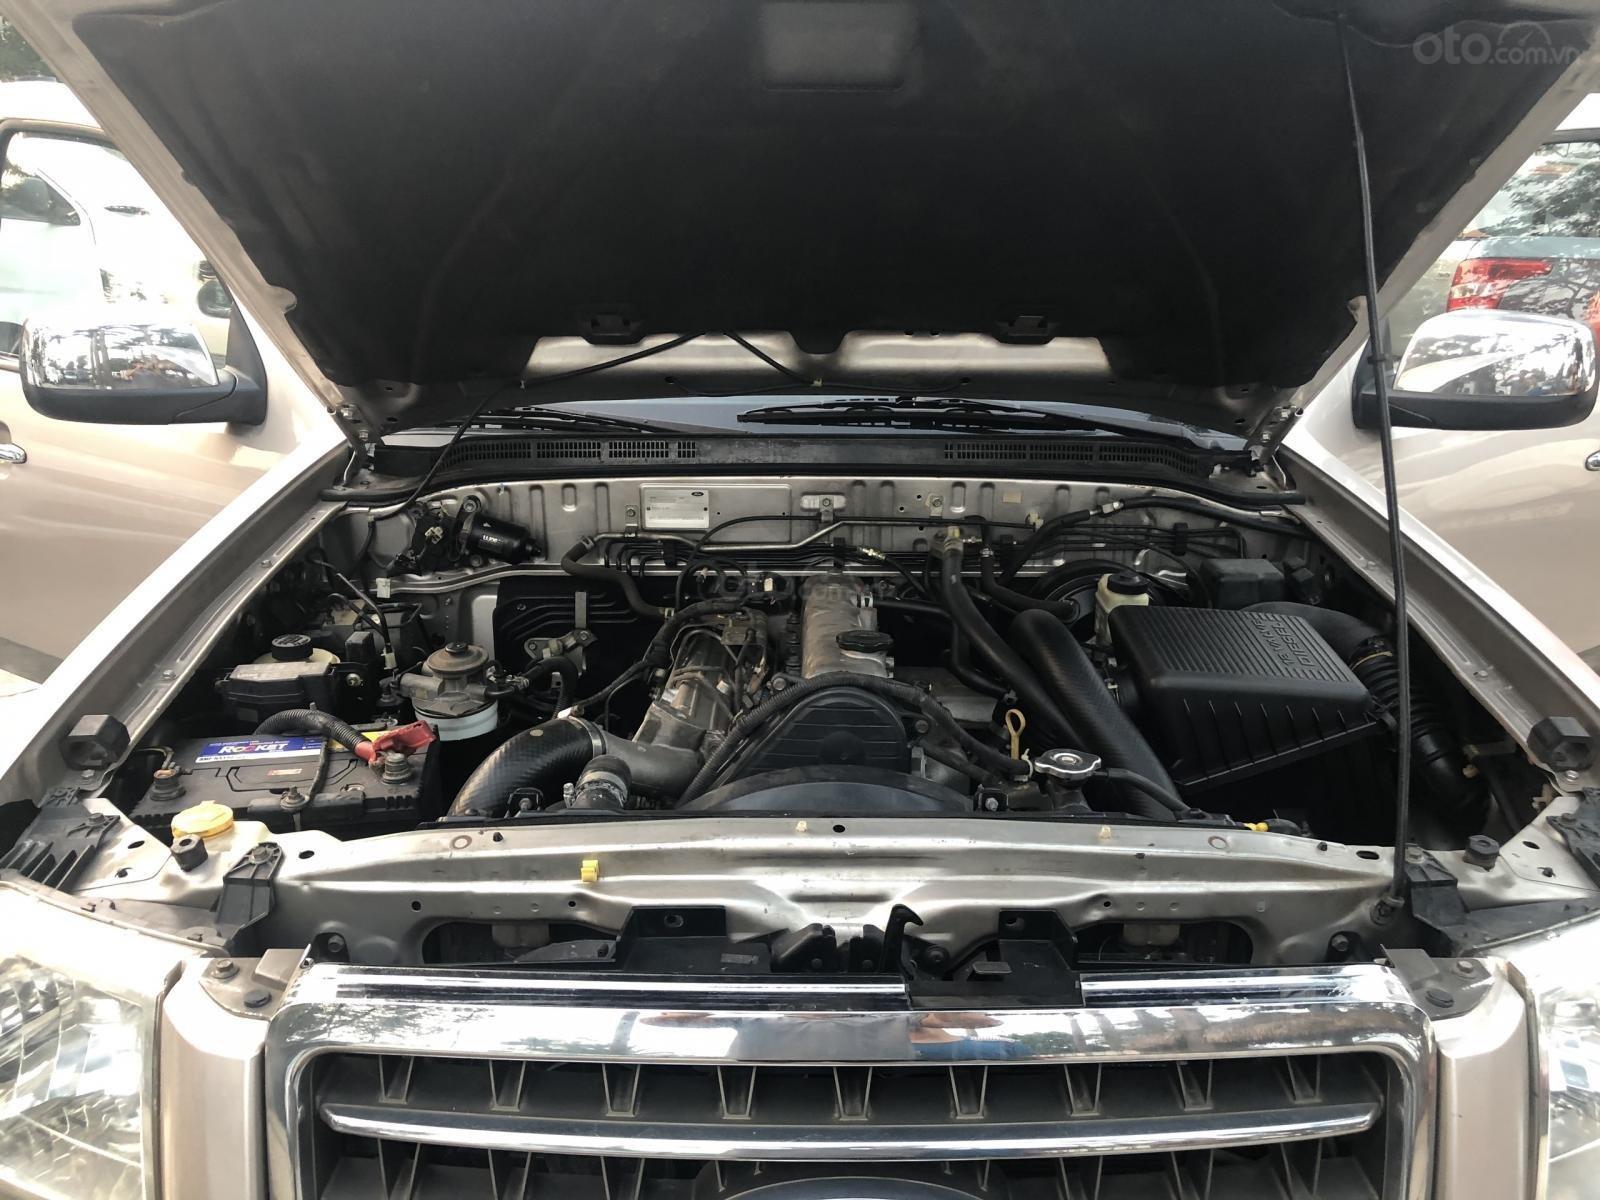 Bán xe Ford Everest 7 chỗ, máy dầu, số sàn, đời 2007 (12)